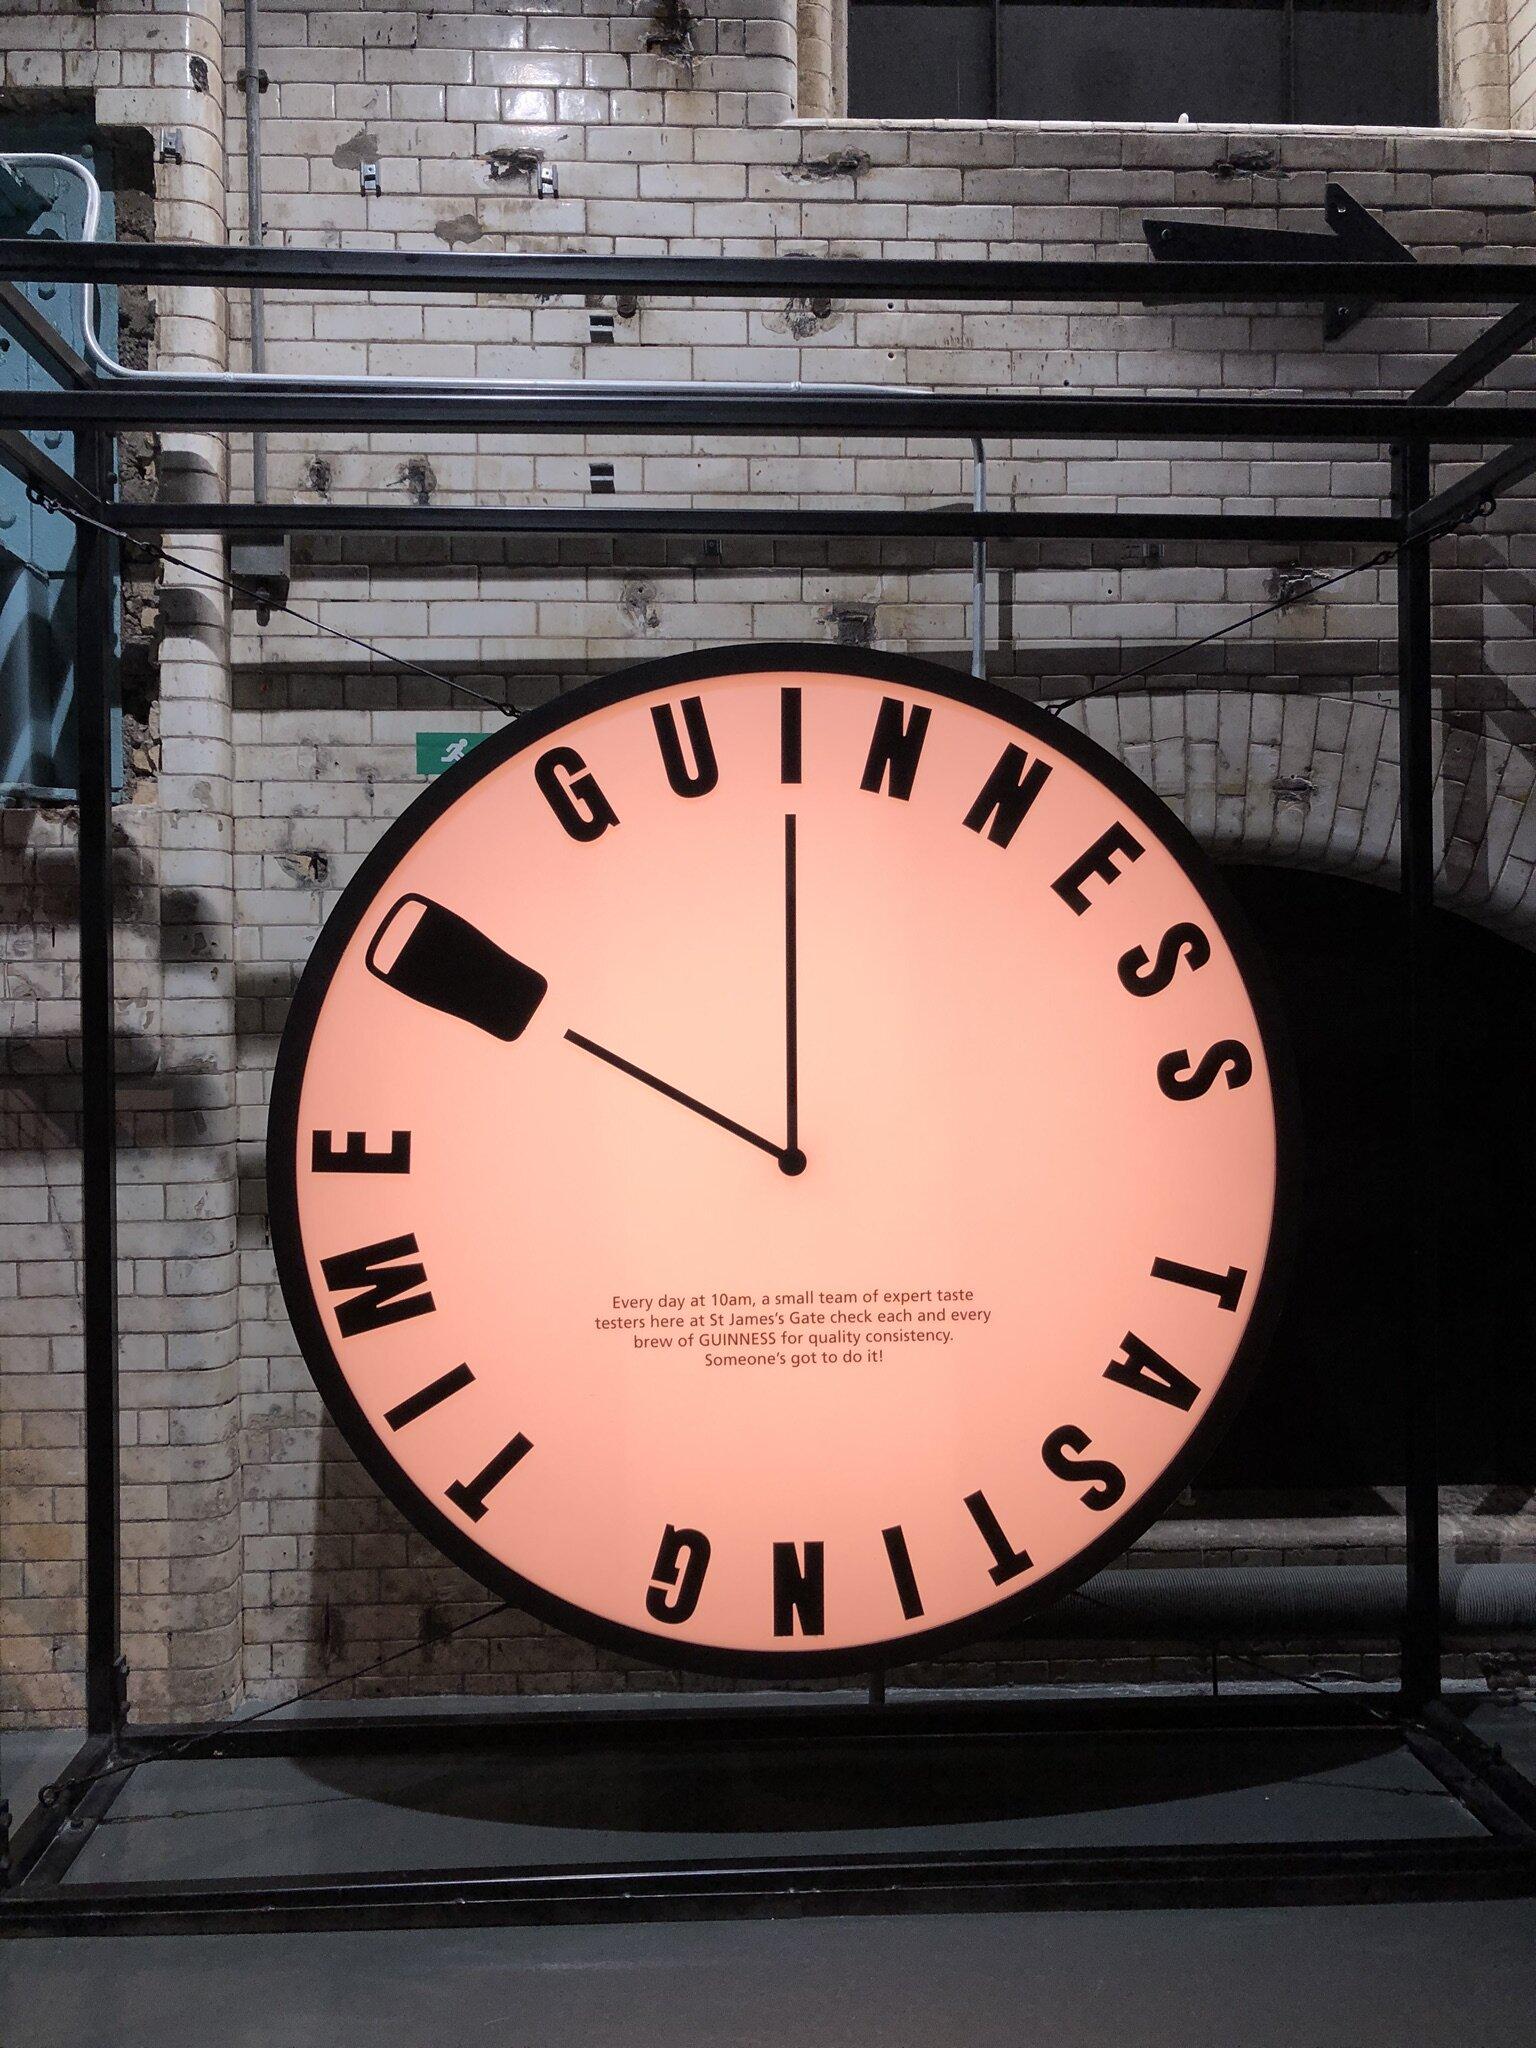 Touring the Guinness Storehouse in Dublin.